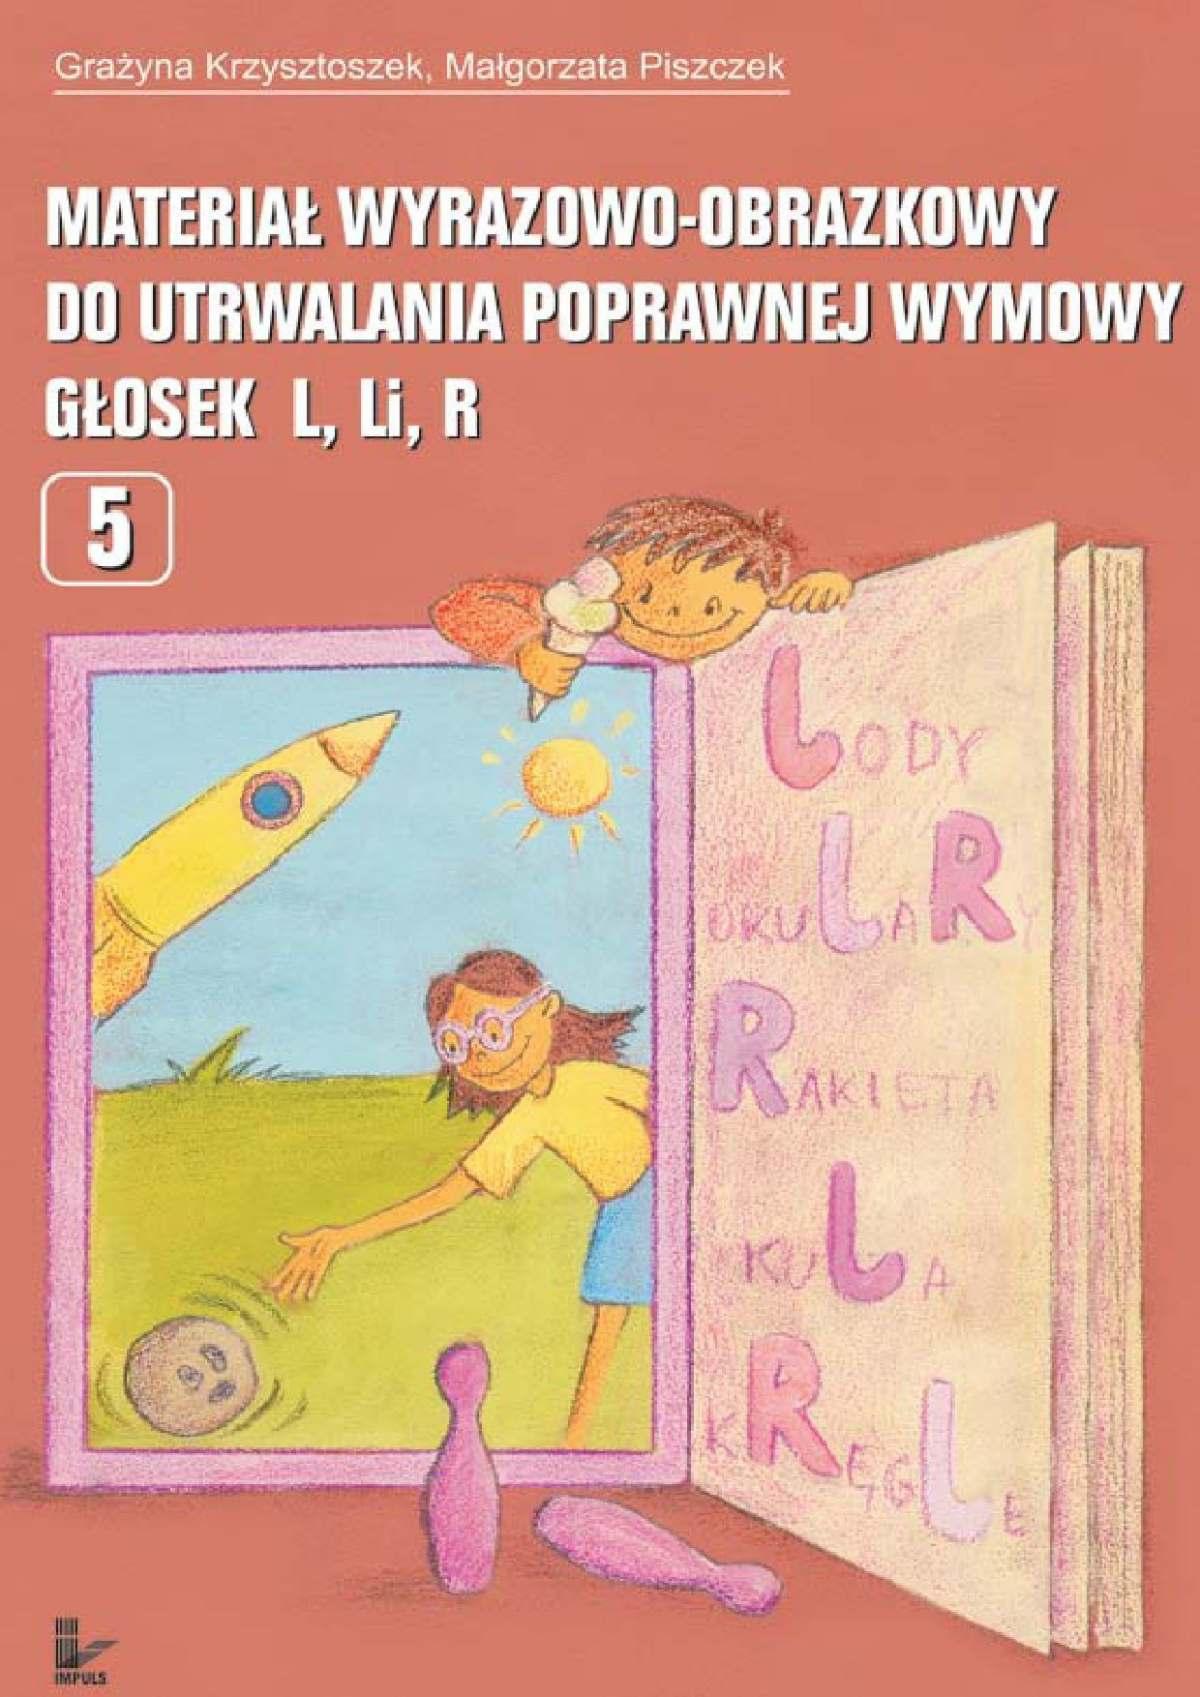 Materiał wyrazowo-obrazkowy do utrwalania poprawnej wymowy głosek l, r - Ebook (Książka na Kindle) do pobrania w formacie MOBI